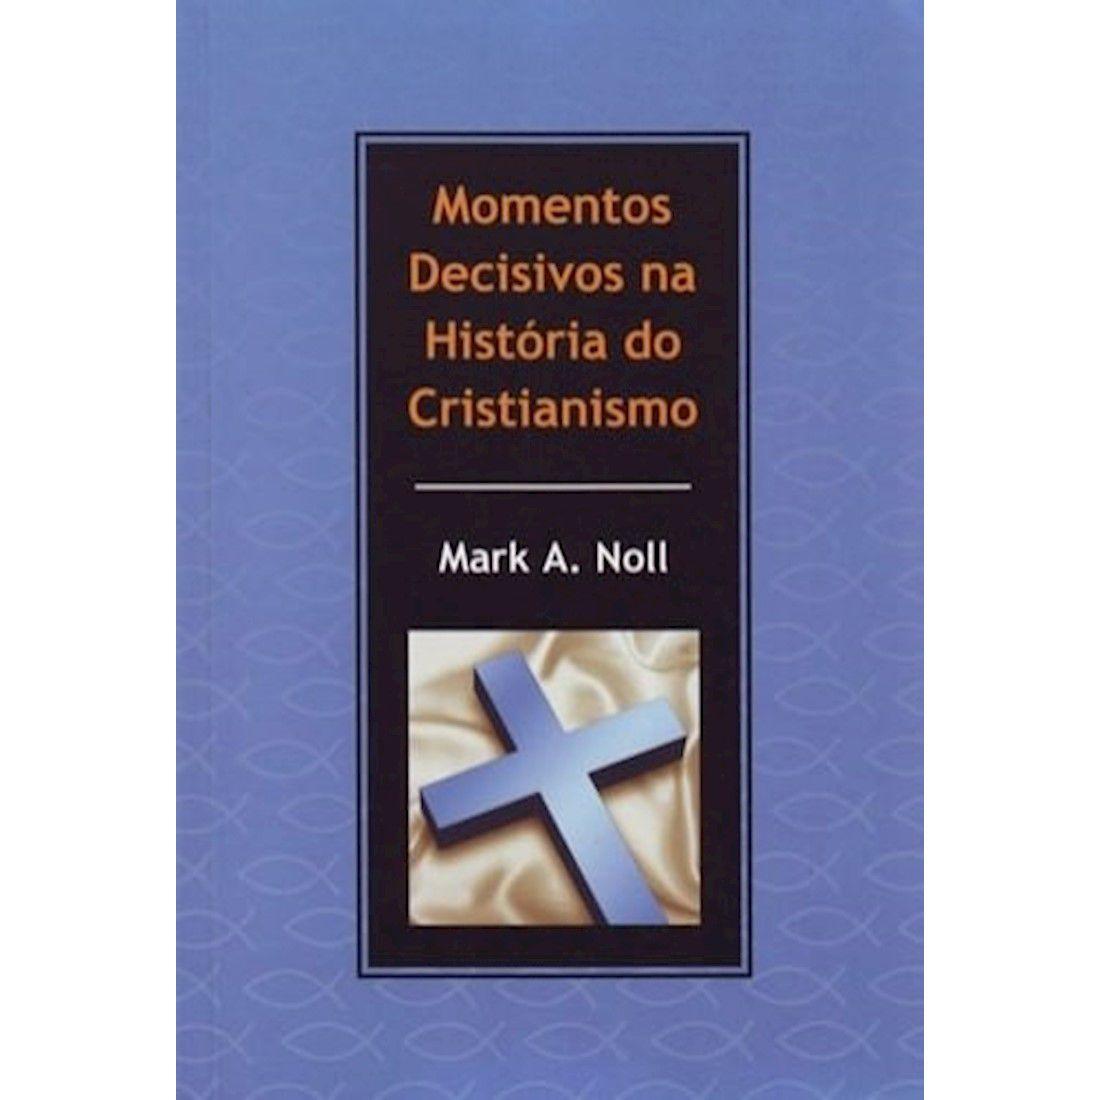 Livro Momentos Decisivos na História do Cristianismo